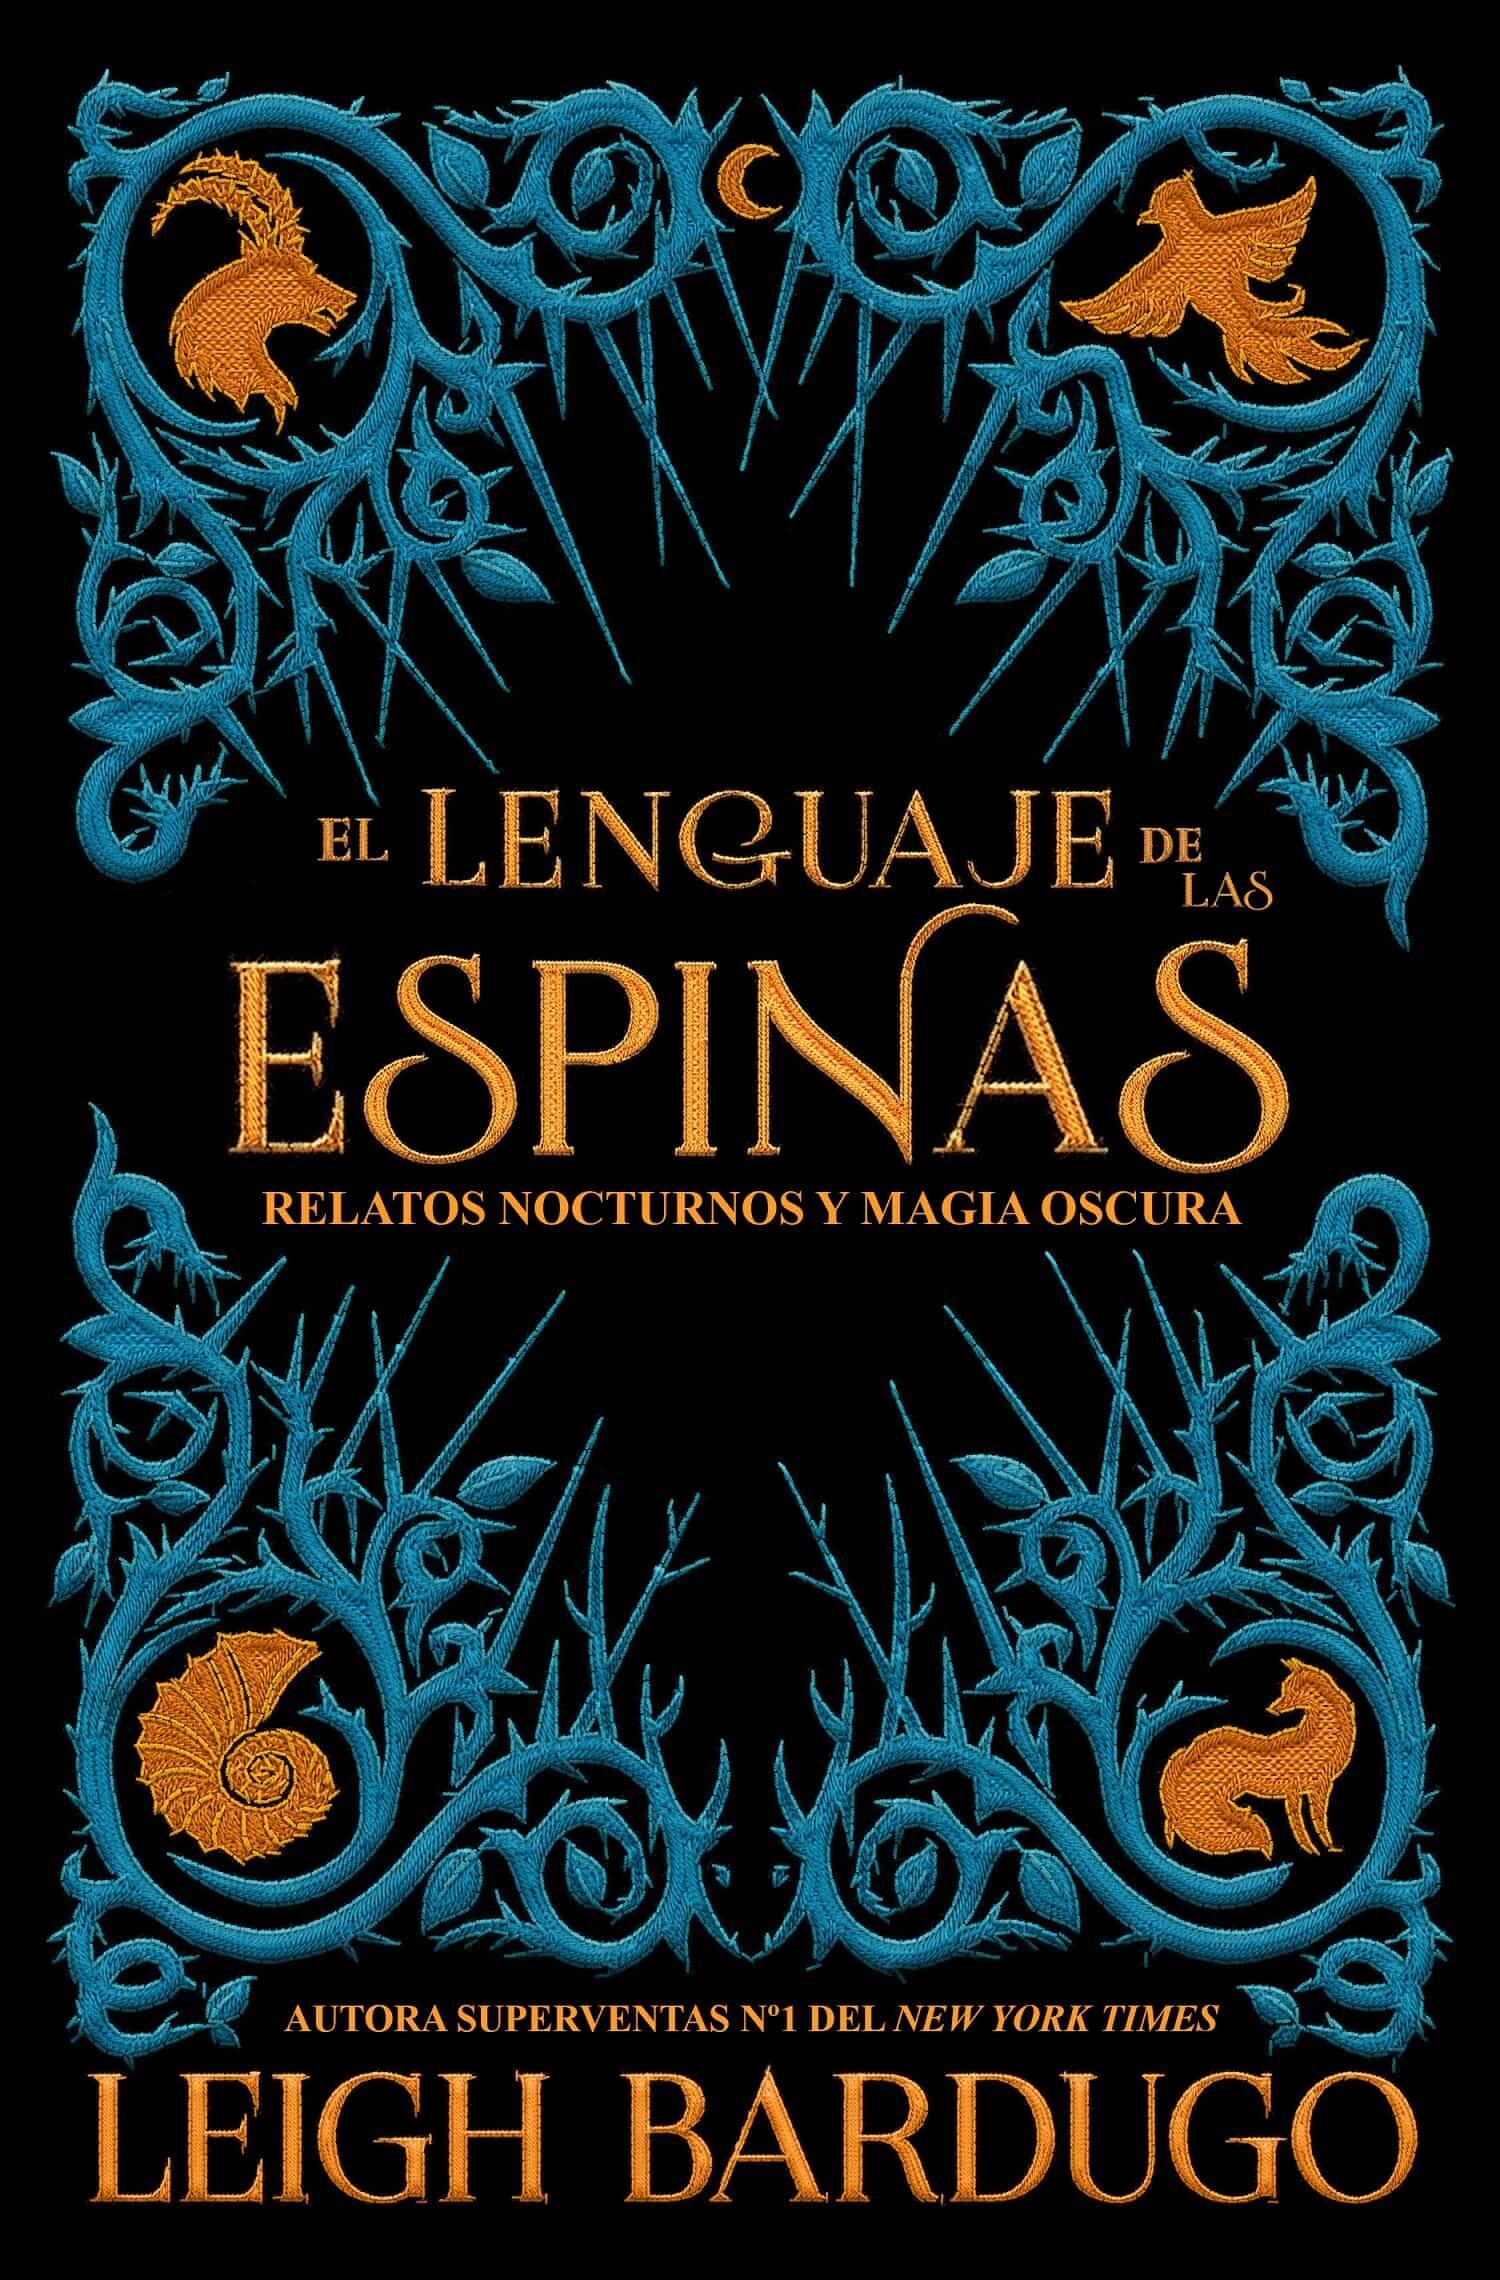 El Lenguaje De Las Espinas por Leigh Bardugo